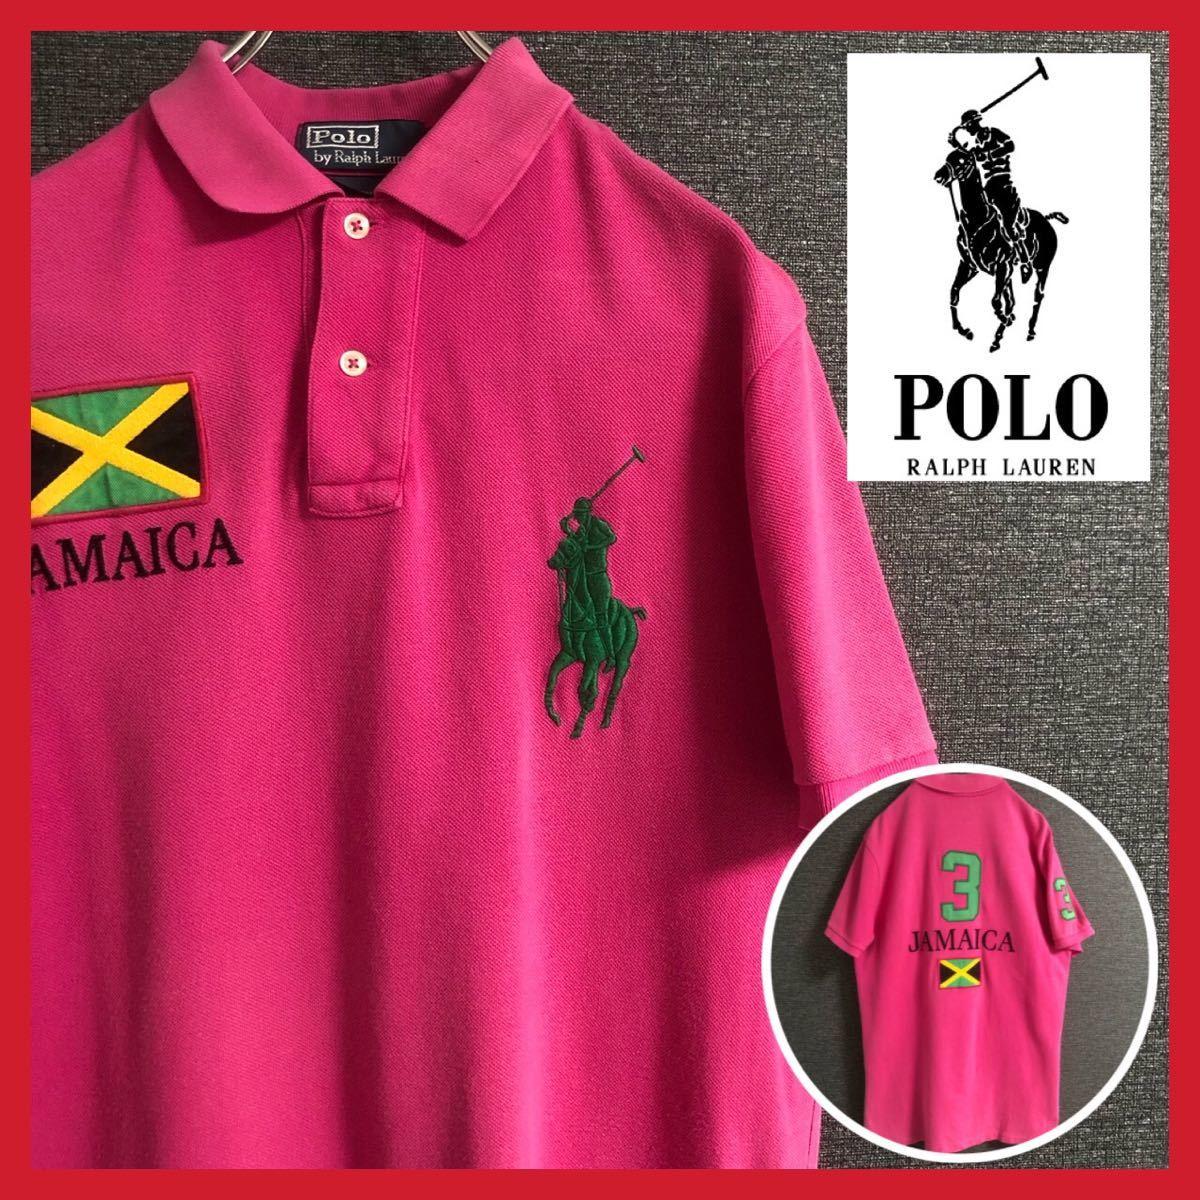 ポロラルフローレン ポロシャツ 半袖 メンズ ビッグポニー ロングテール 刺繍